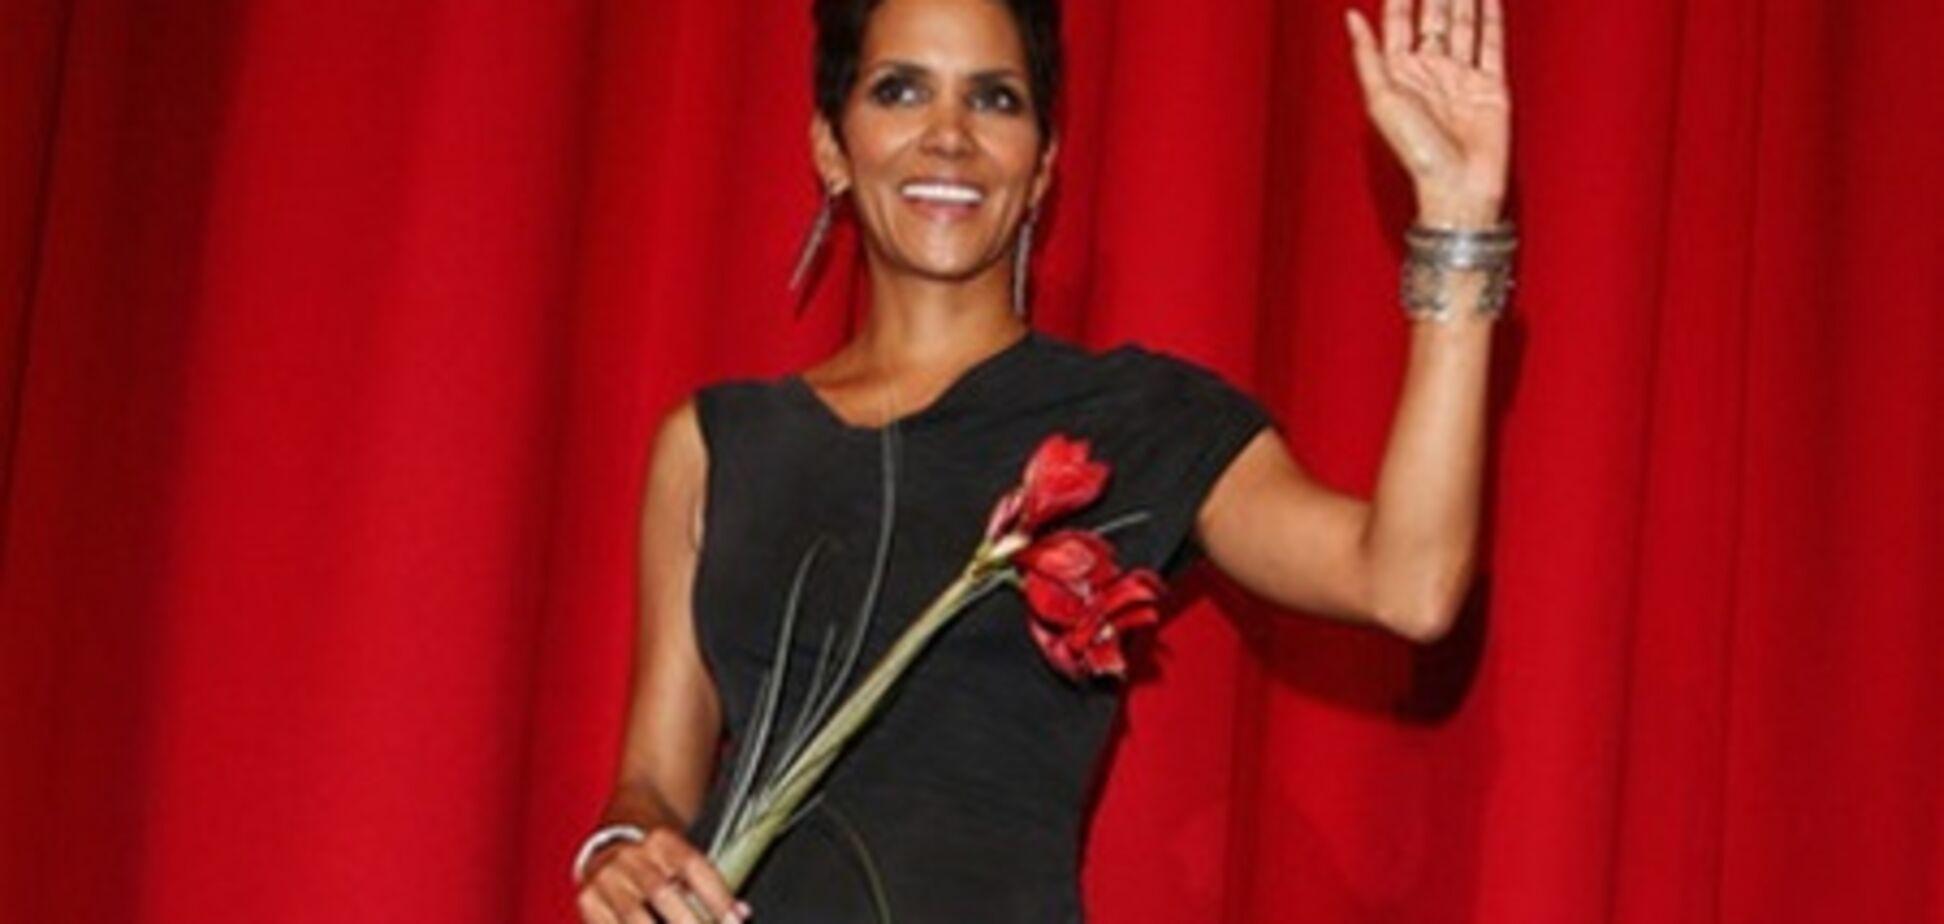 'Облачный атлас' в Берлине: нога Холли Берри и красный цветок